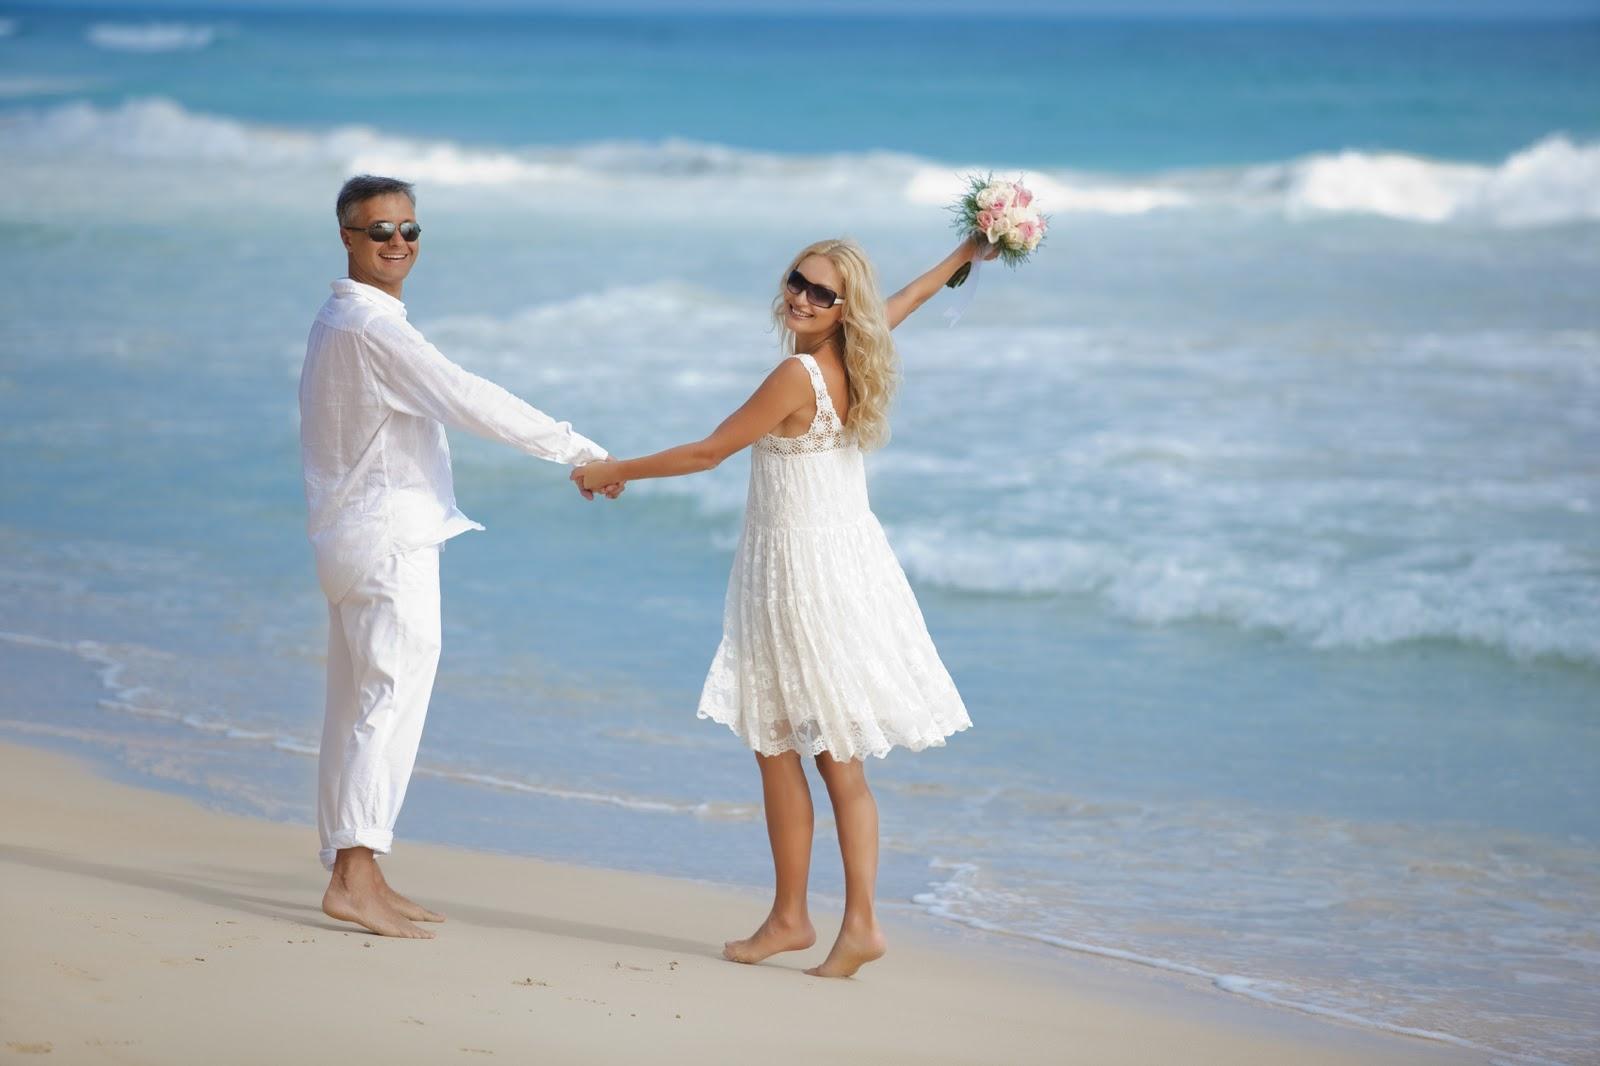 organizar-um-casamento-viagem